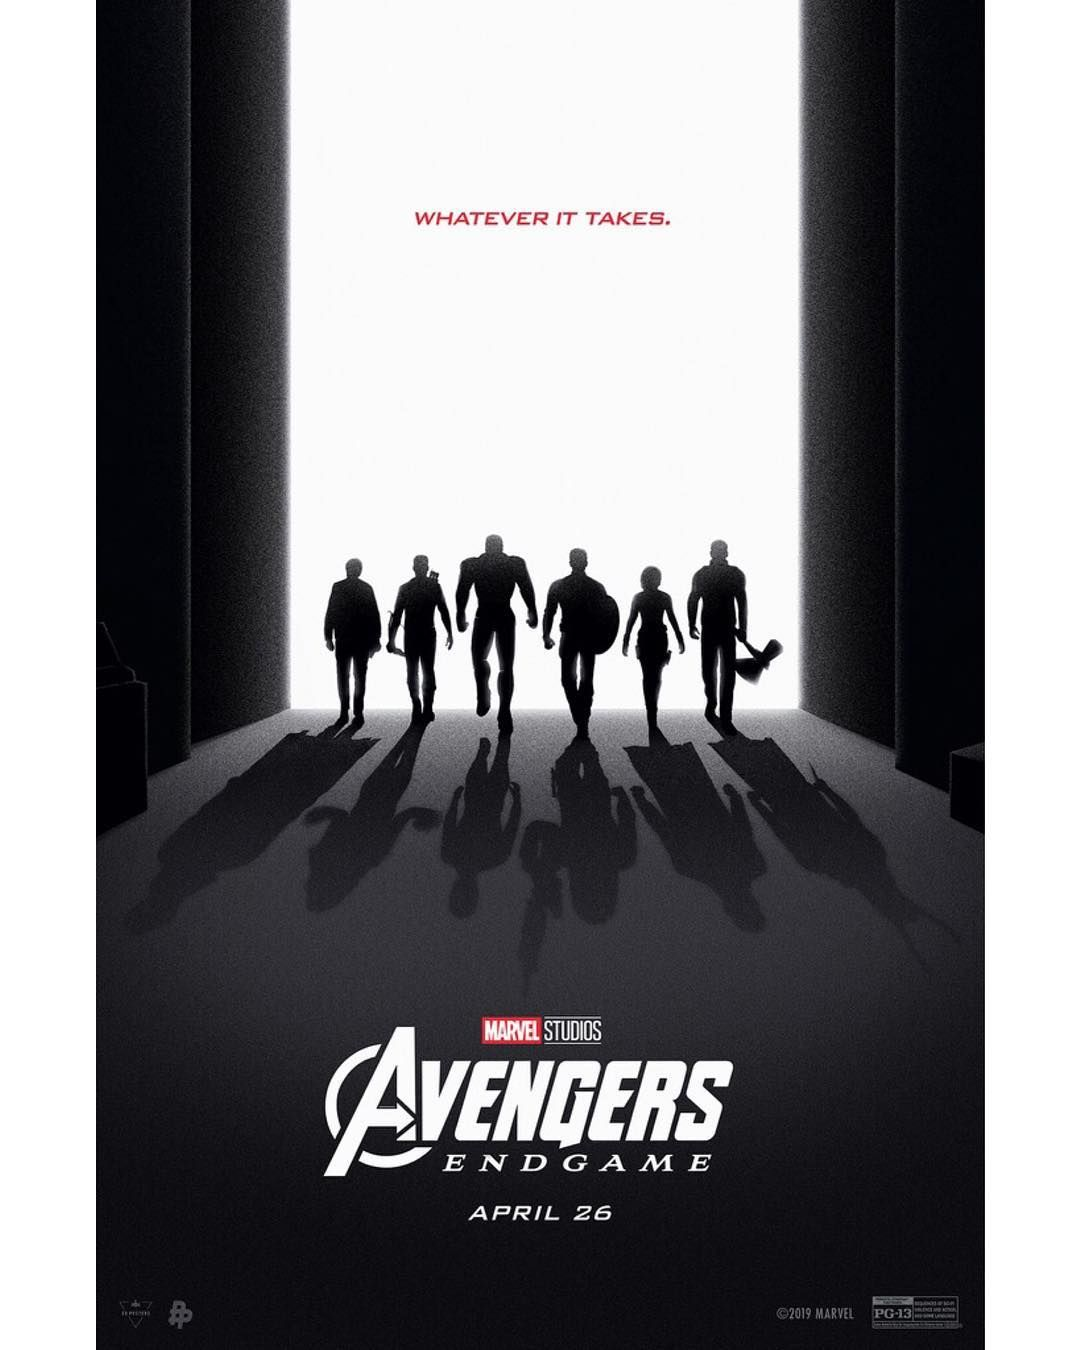 Here's the Marvel Studios' AvengersEndgameinspired